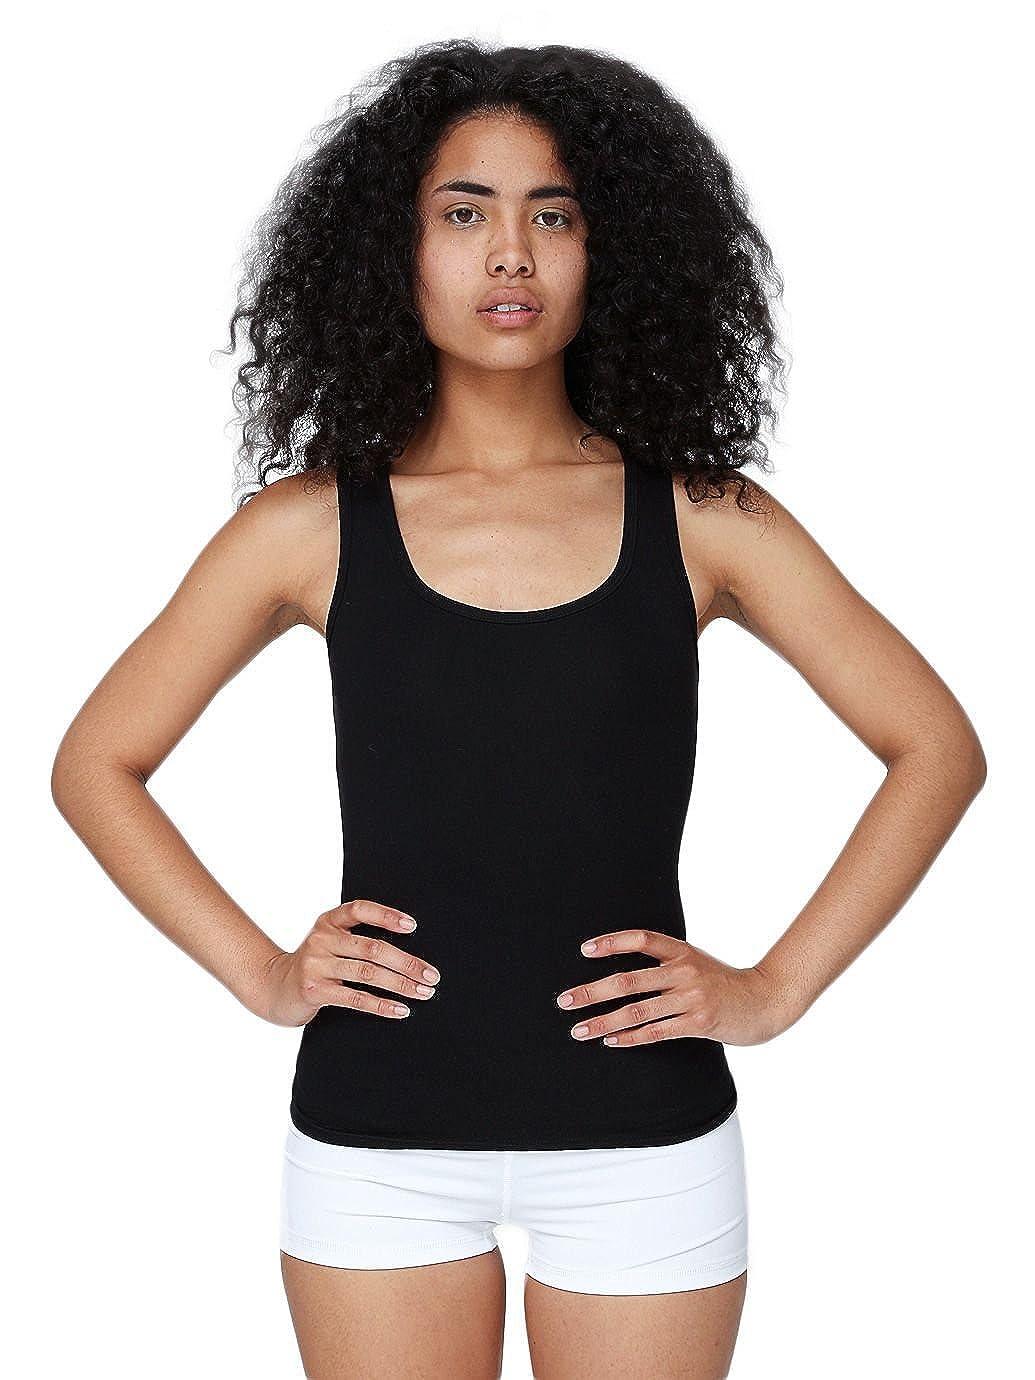 691de1c0b8abb0 American Apparel Women Cotton Spandex Tank Top 8308  1540908343 ...